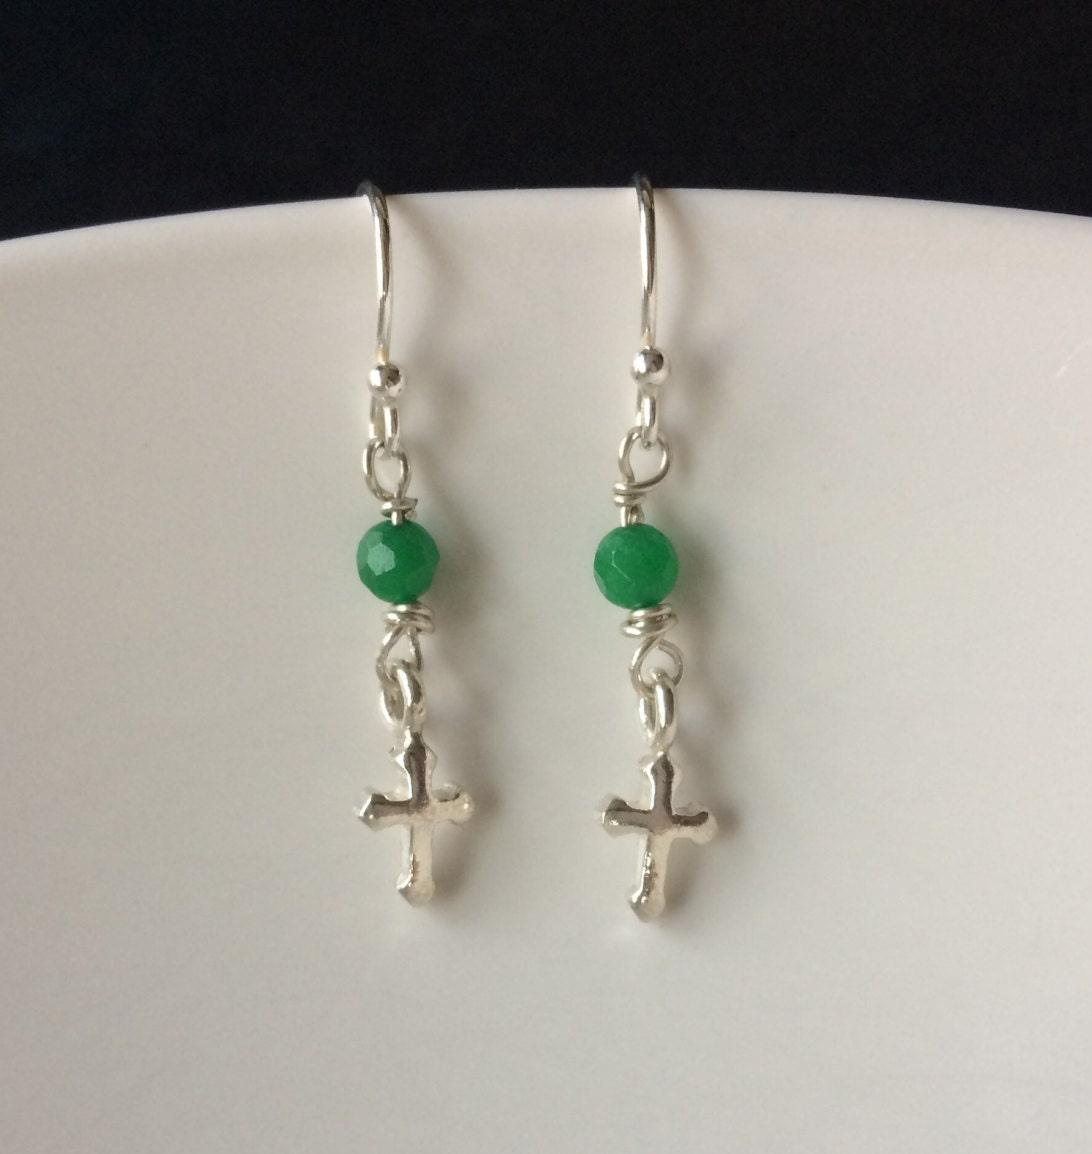 Green Emerald Cross Earrings Silver Cross Dangle Earrings Emerald Gemstone Earrings May Birthstone Jewelry Gift Emerald Jewellery